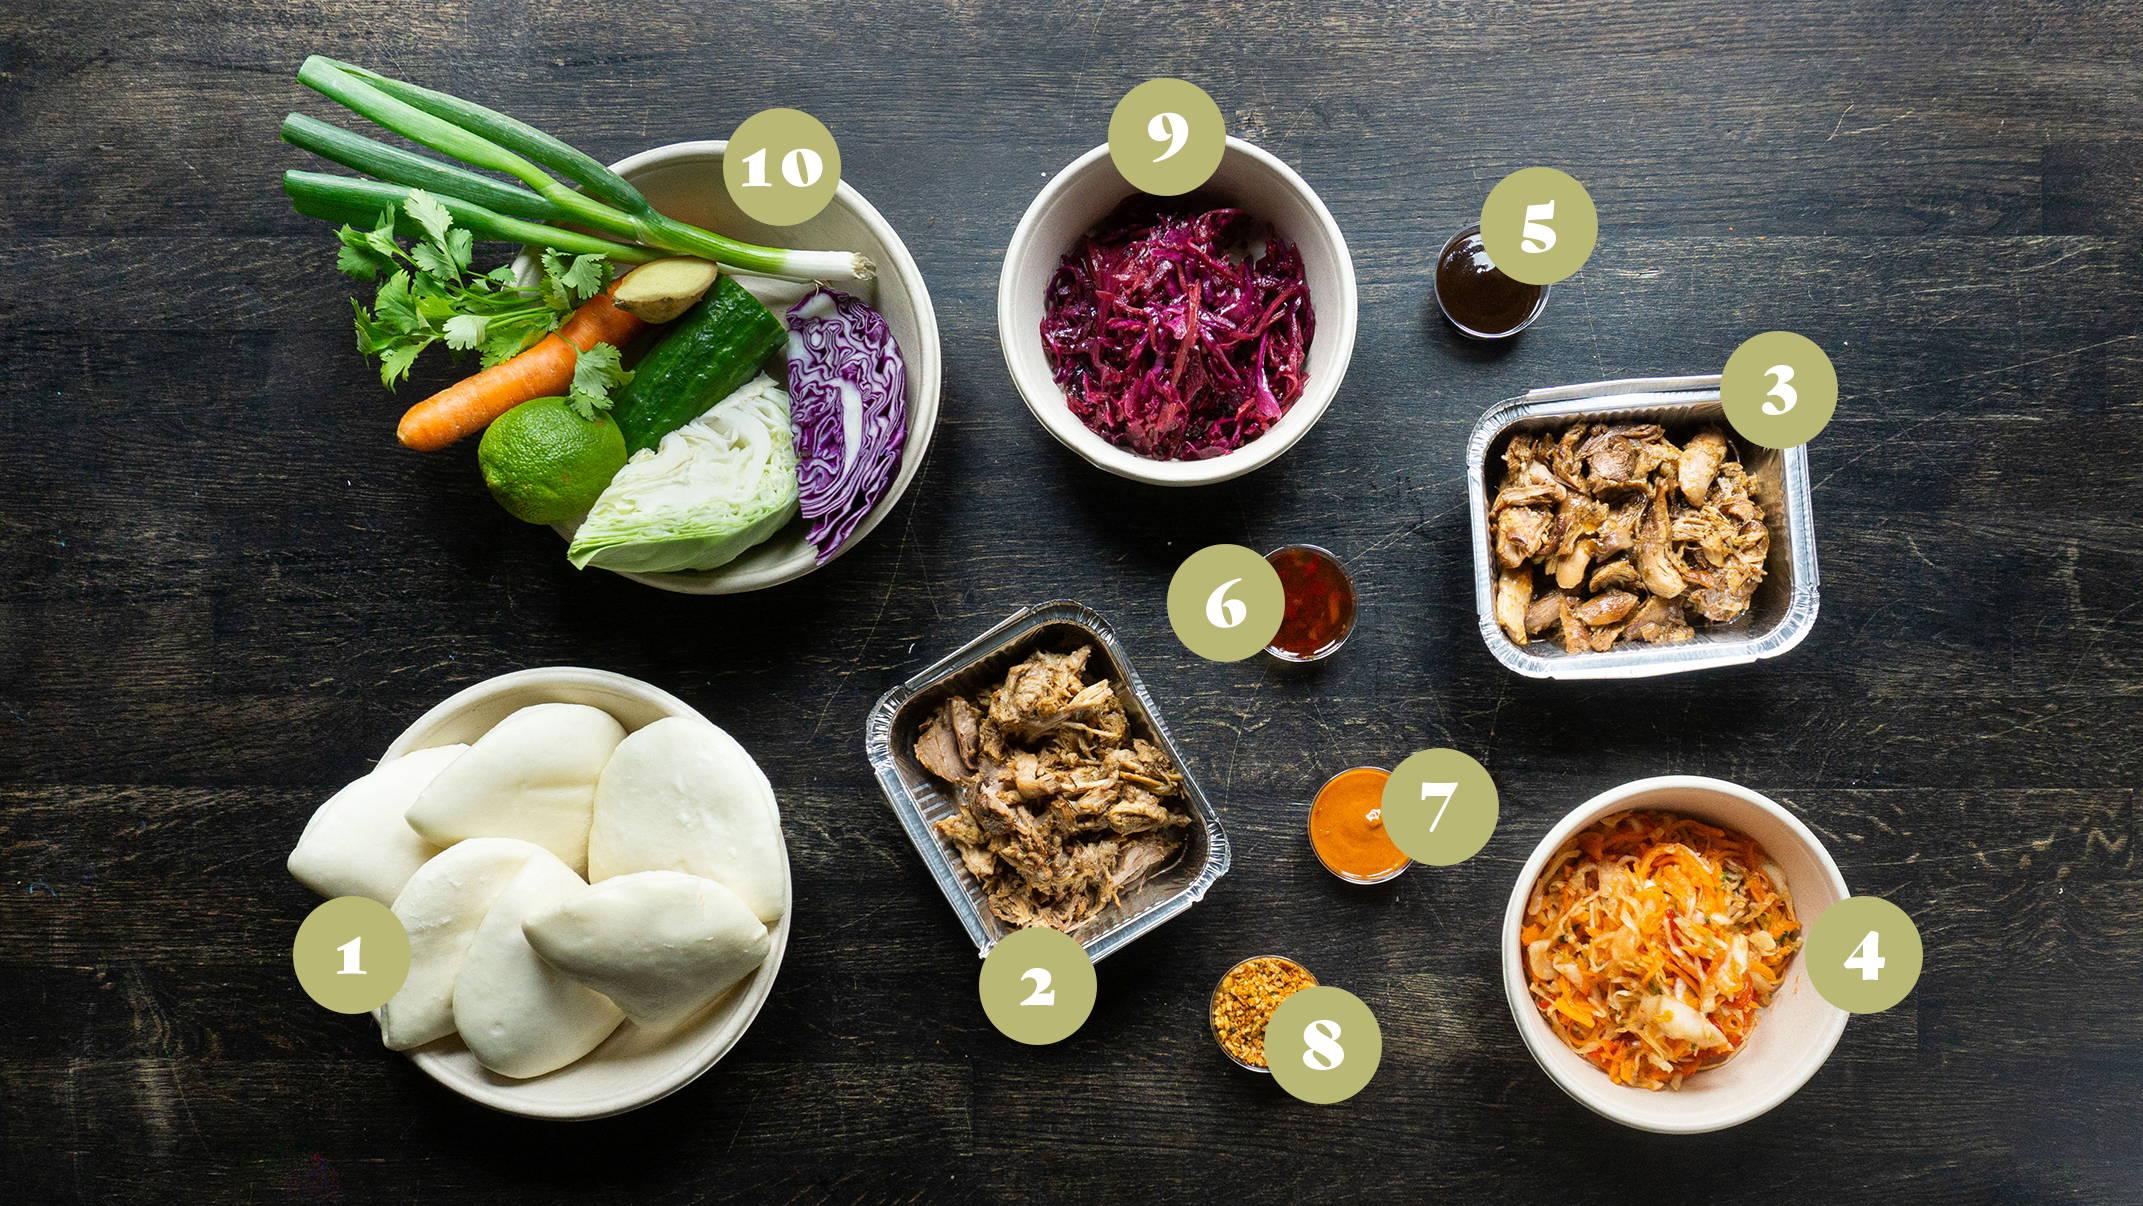 Opskrift og vejledning på Saml selv baos med braiseret gris m. kimchi og confiteret and toppet m. hoisin sauce